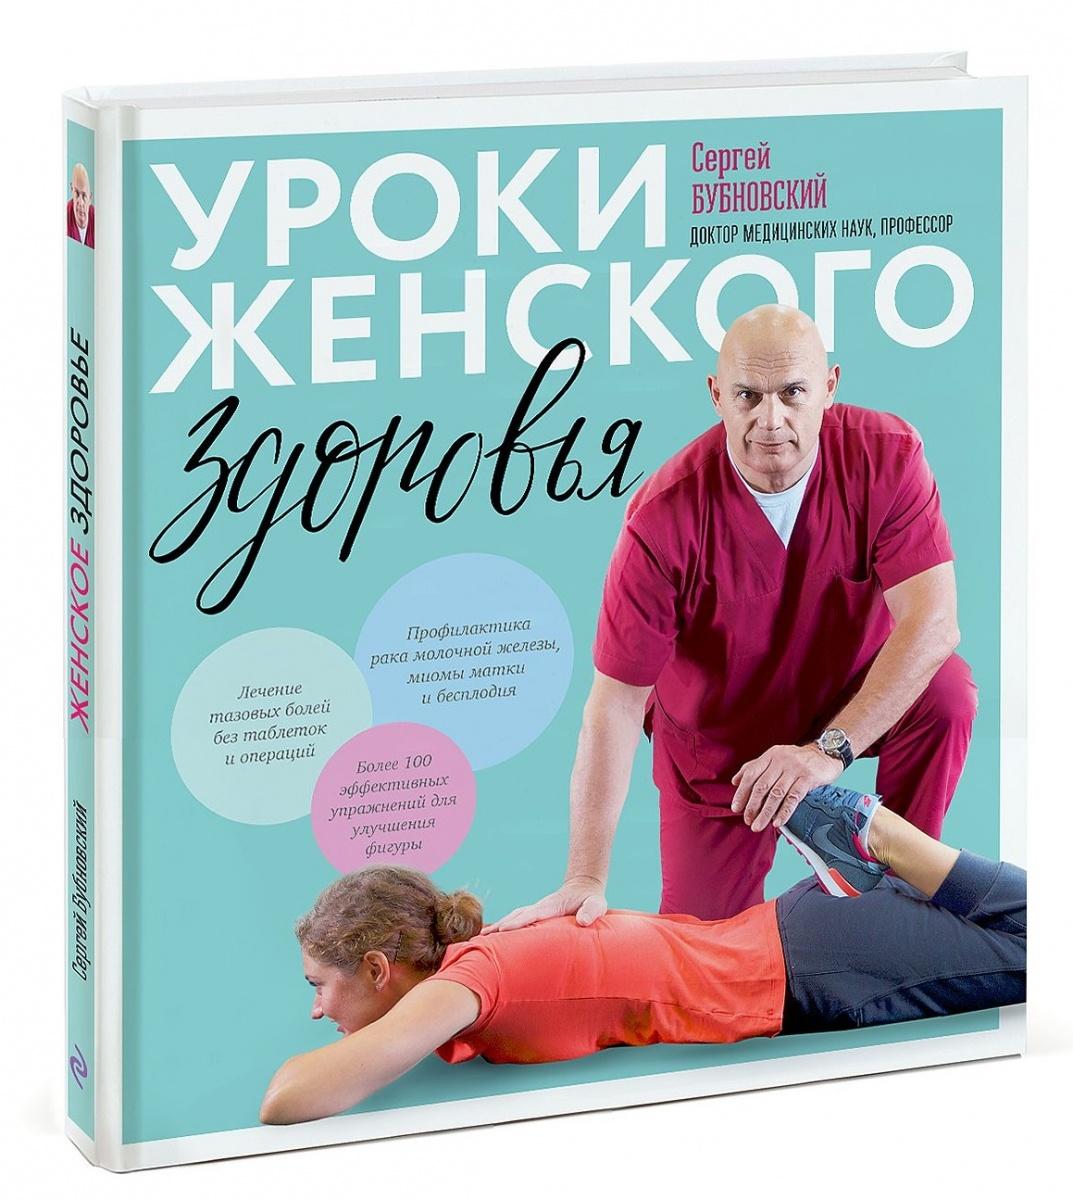 Бубновский С. Уроки женского здоровья (+DVD) 50 незаменимых упражнений для здоровья dvd